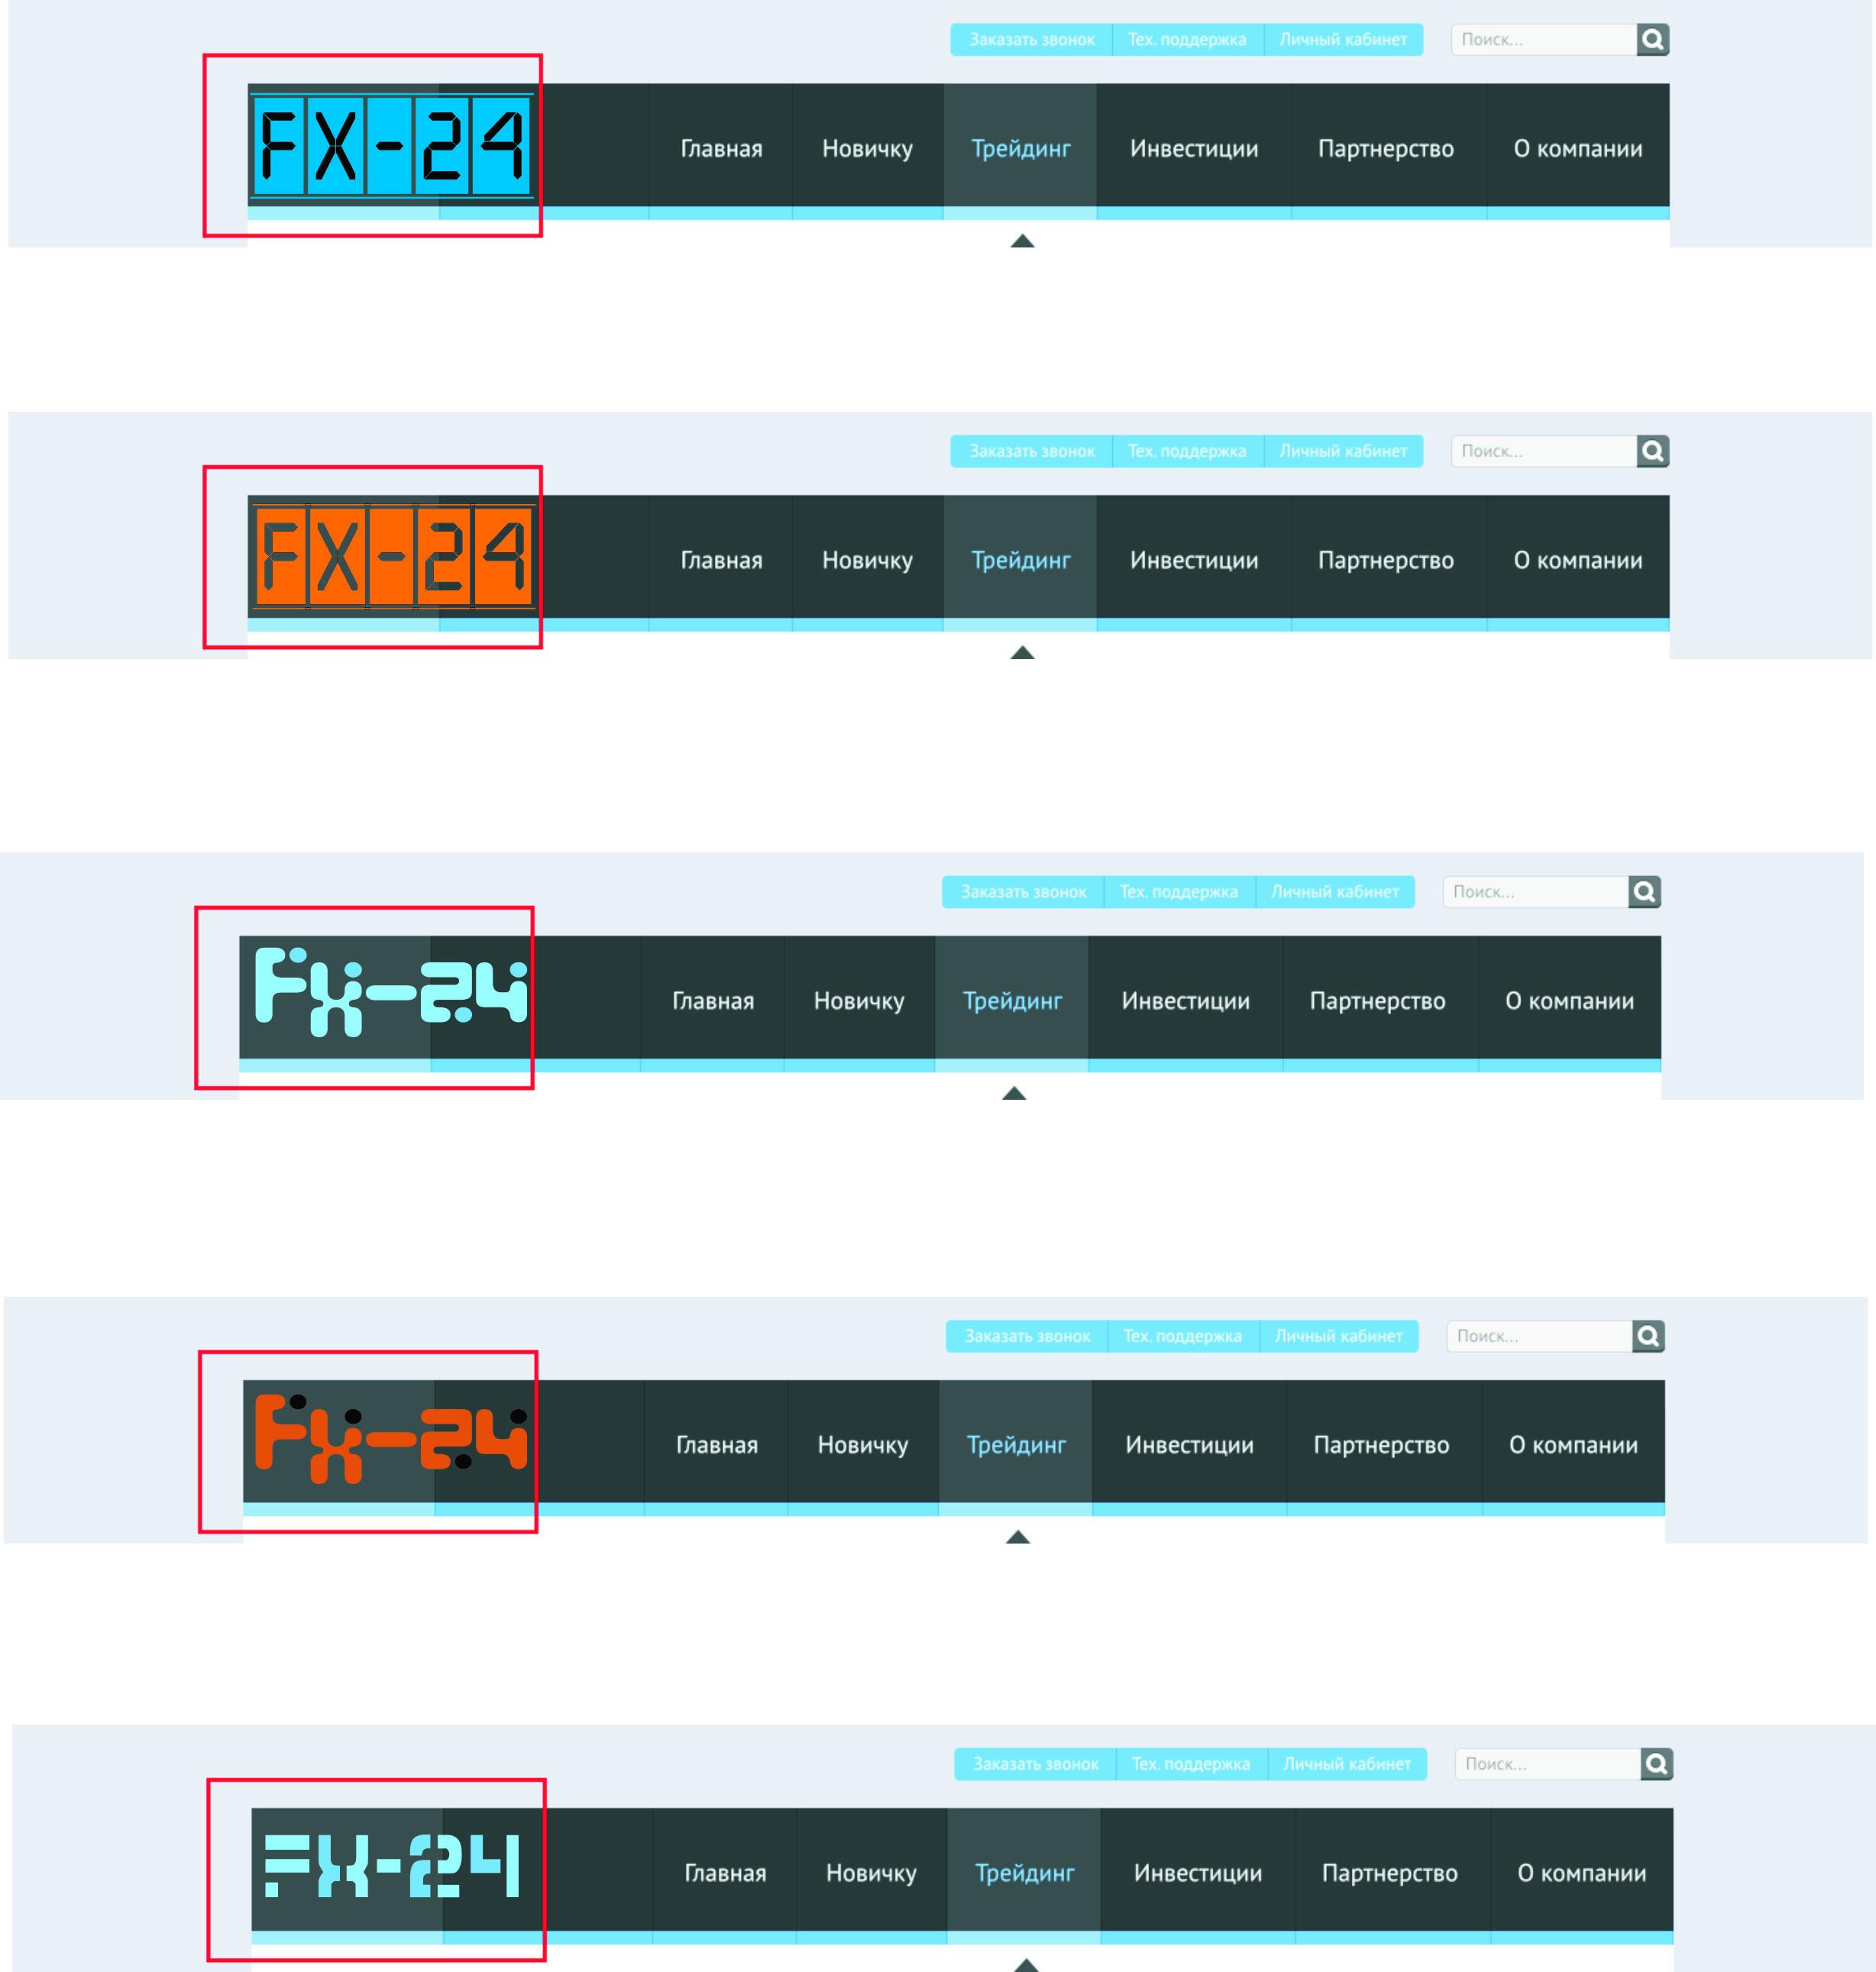 Разработка логотипа компании FX-24 фото f_14150e193011119a.jpg